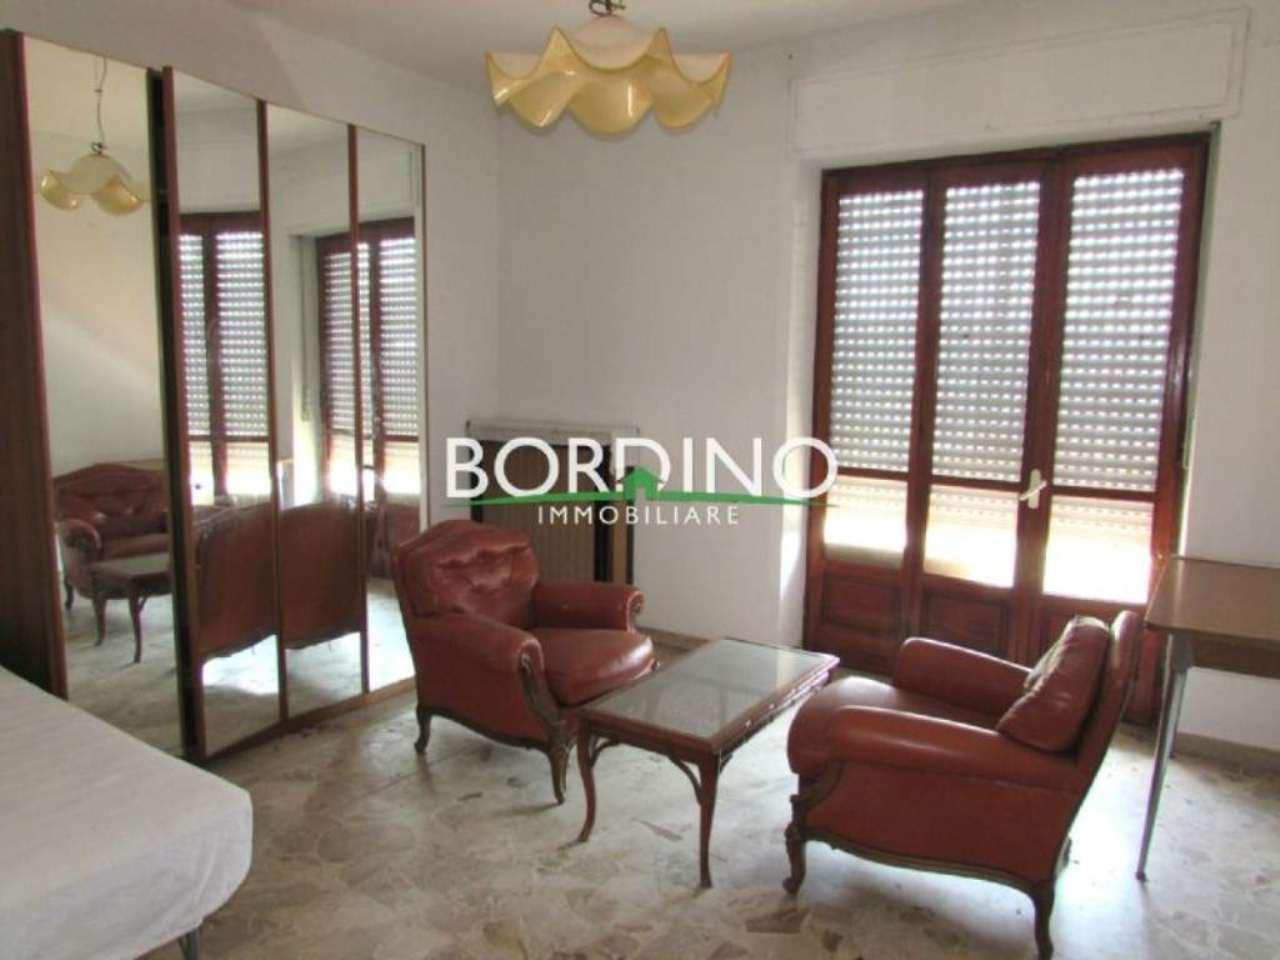 Appartamento in vendita a Priocca, 3 locali, prezzo € 50.000 | CambioCasa.it